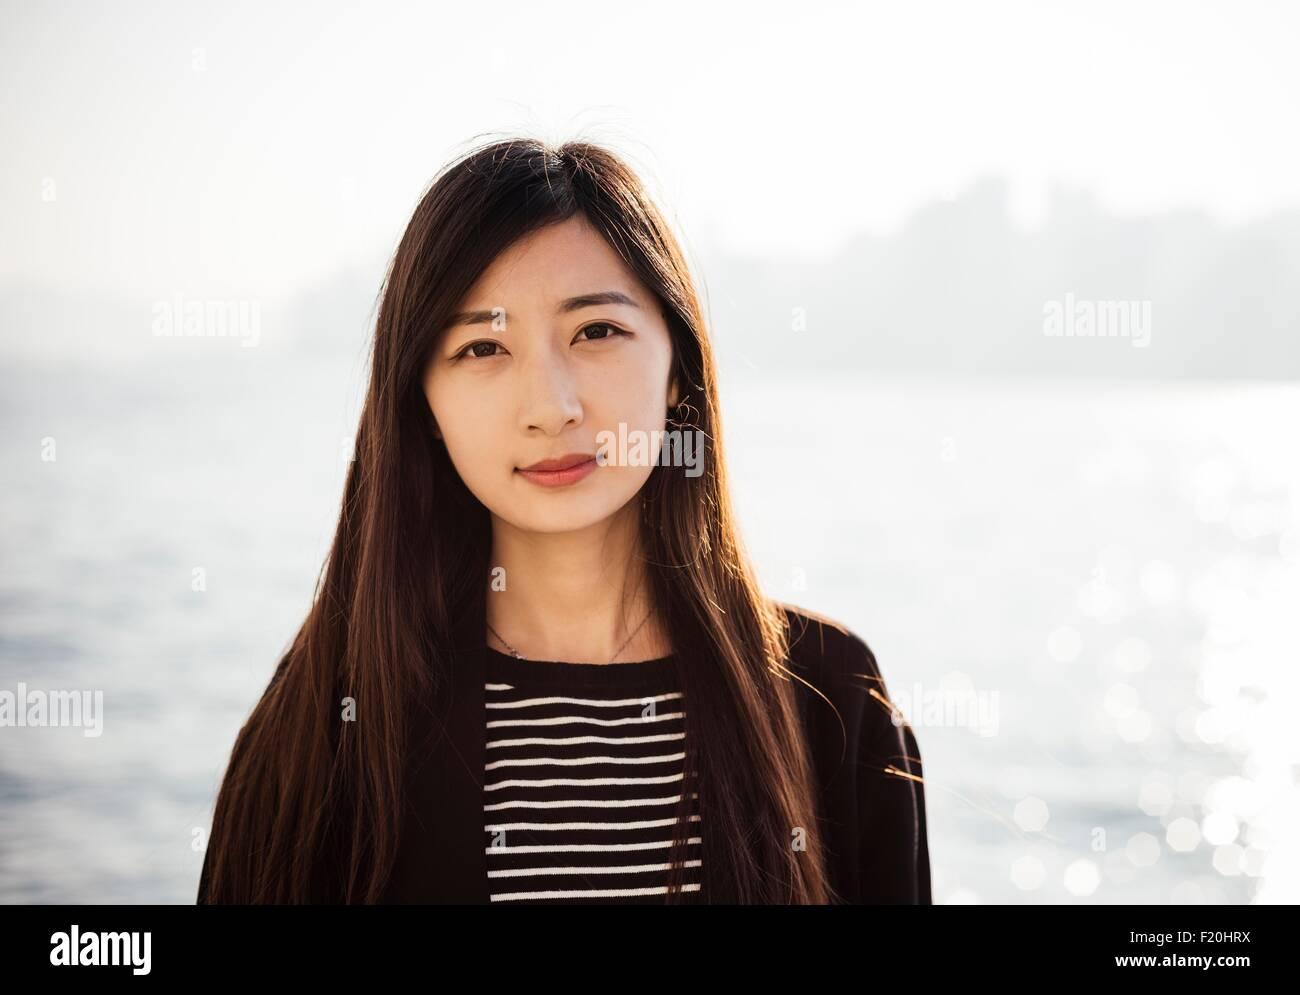 Retrato de mujer joven con largo cabello morena vestidos de rayas mirando a la cámara superior Imagen De Stock